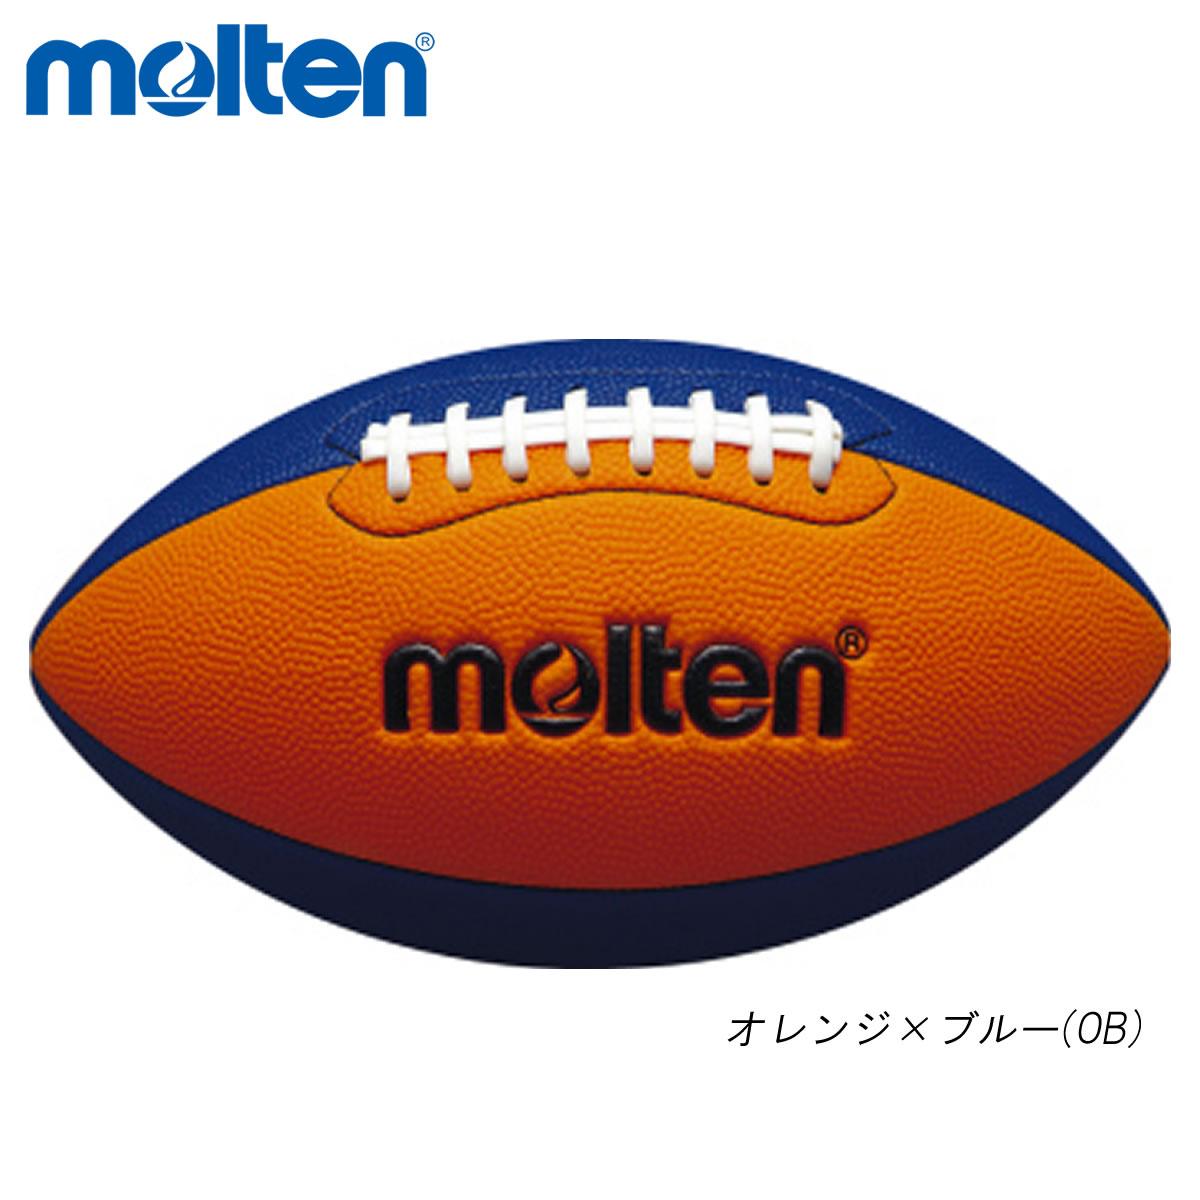 molten Q4C2500-OB 特売 フラッグフットボール ボール 2021 モルテン 取り寄せ フラッグフットボールジュニア 現金特価